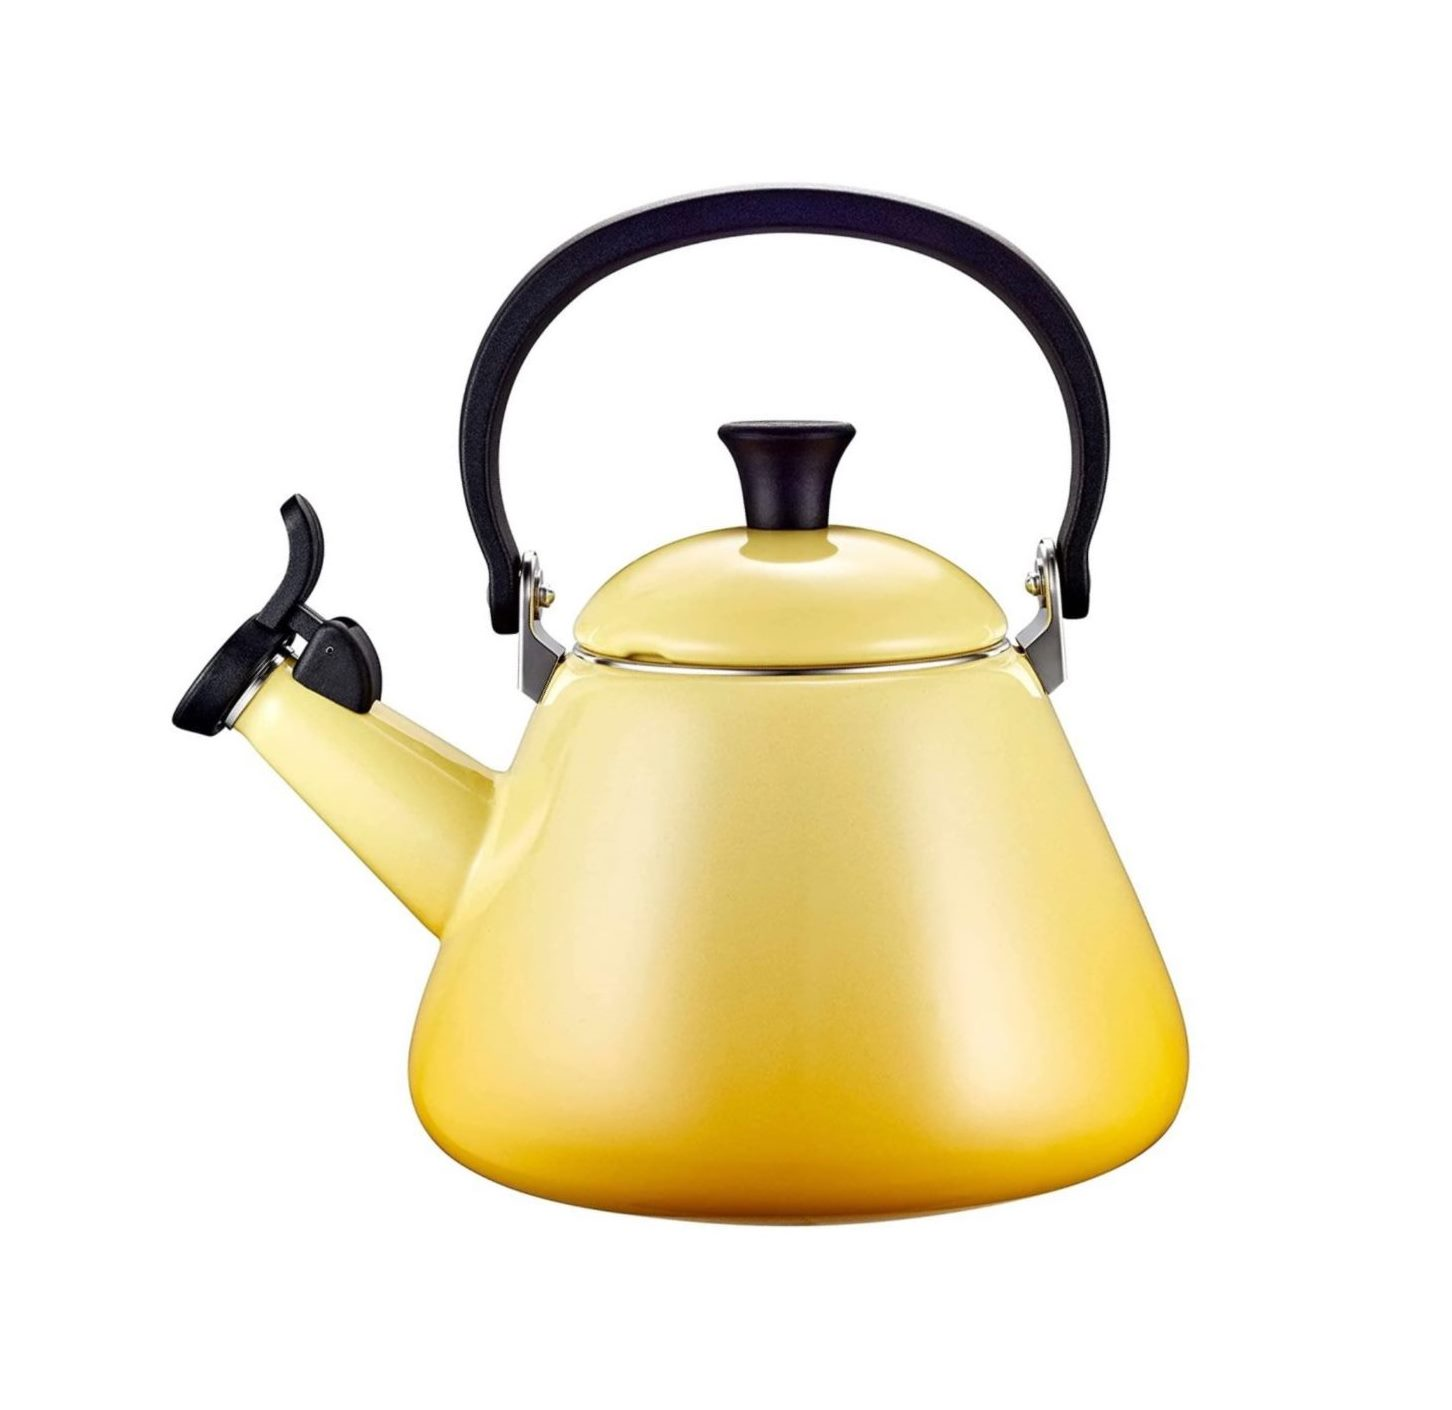 Konvice na vaření vody KONE 1,6l citronová - LE CREUSET